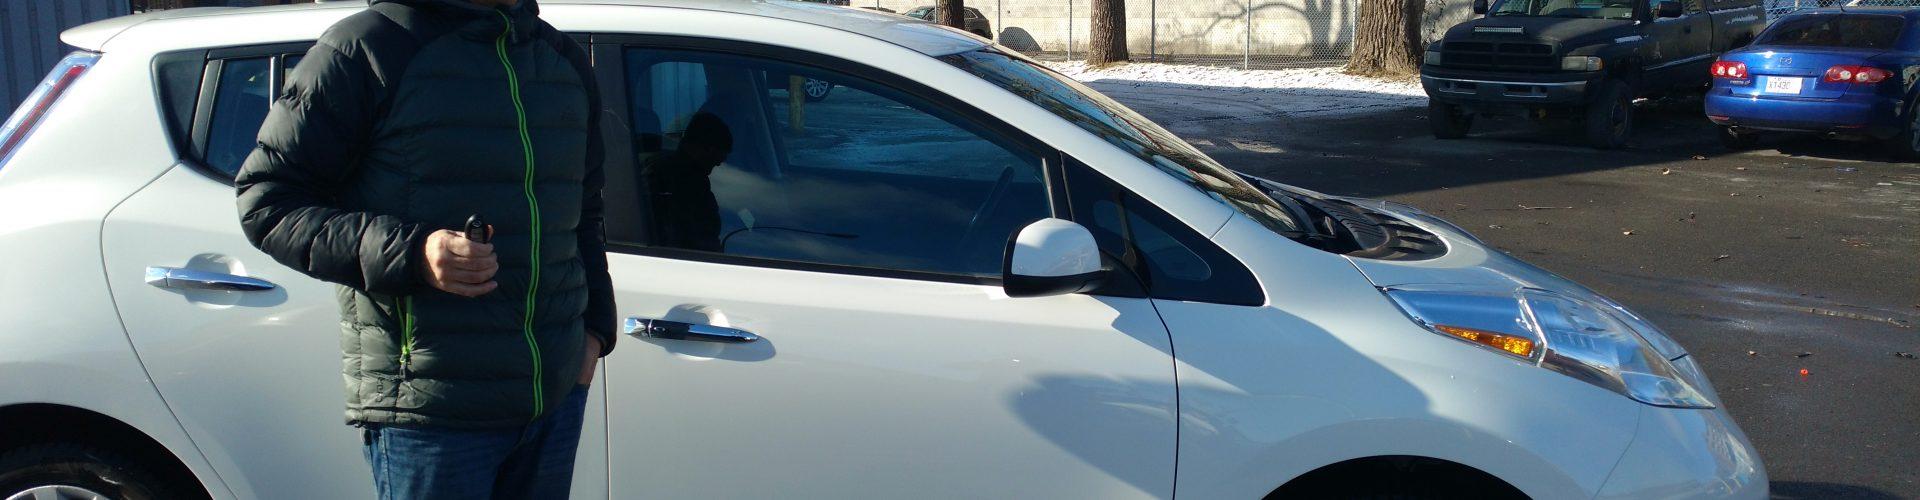 Témoignage de F. Bouchard – Heureux propriétaire d'une Nissan Leaf 2015 de MUZE